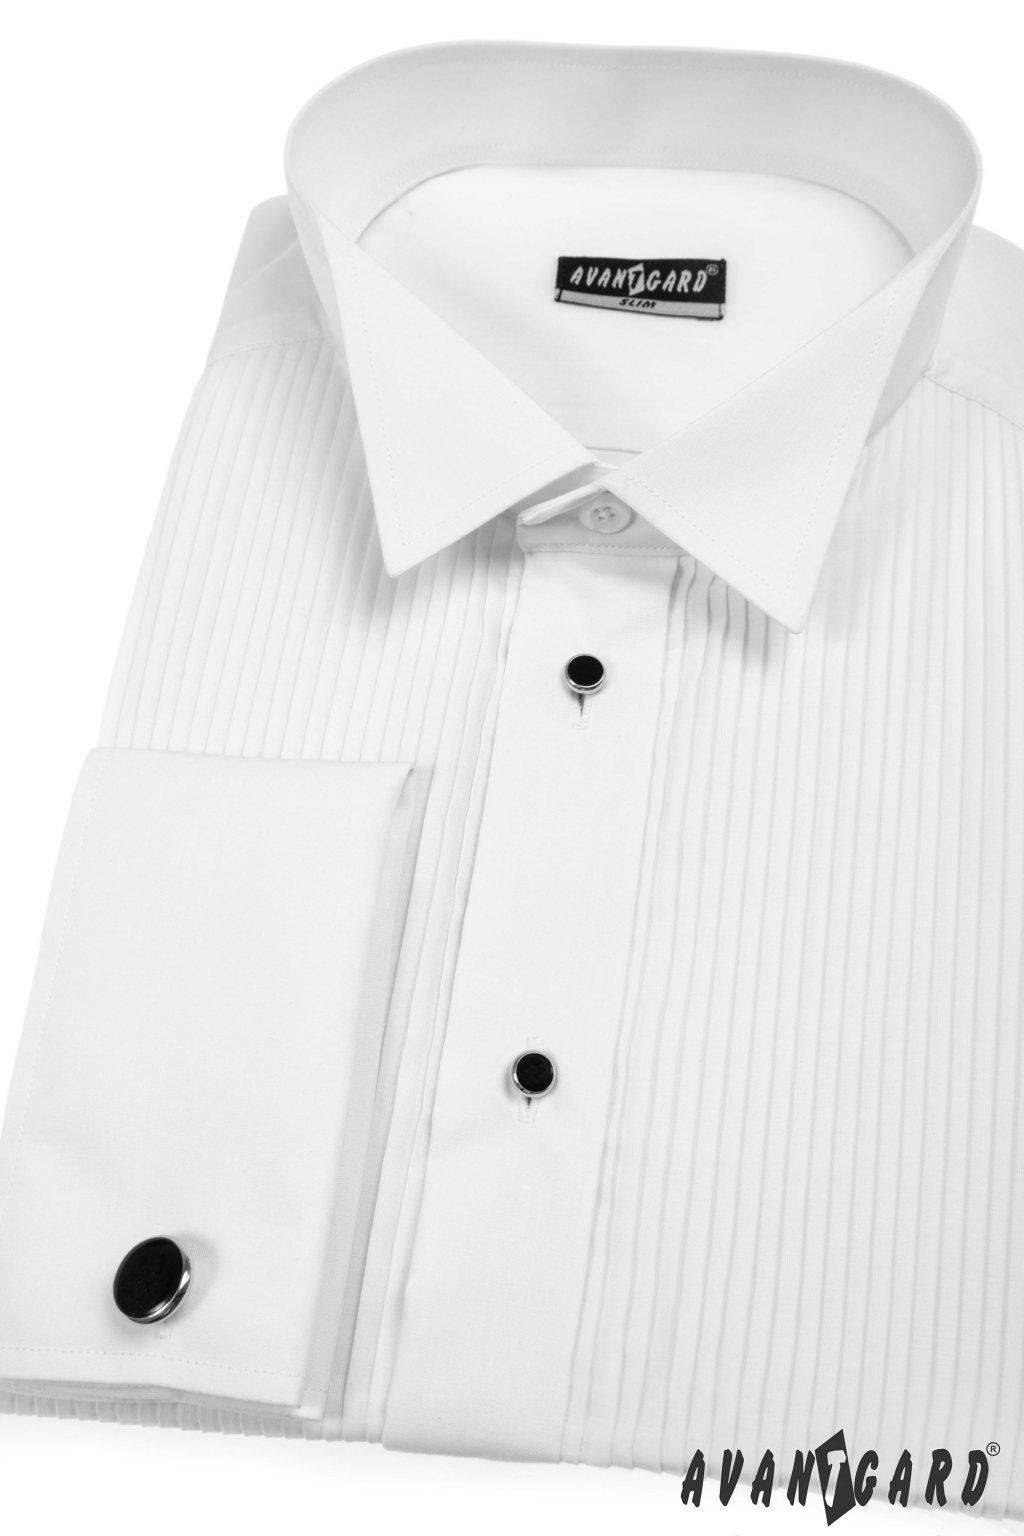 Pánská košile FRAKOVKA SLIM s dvojitými manžetami na manž. knoflíčky a sada knoflíčků bílá 112 - 1